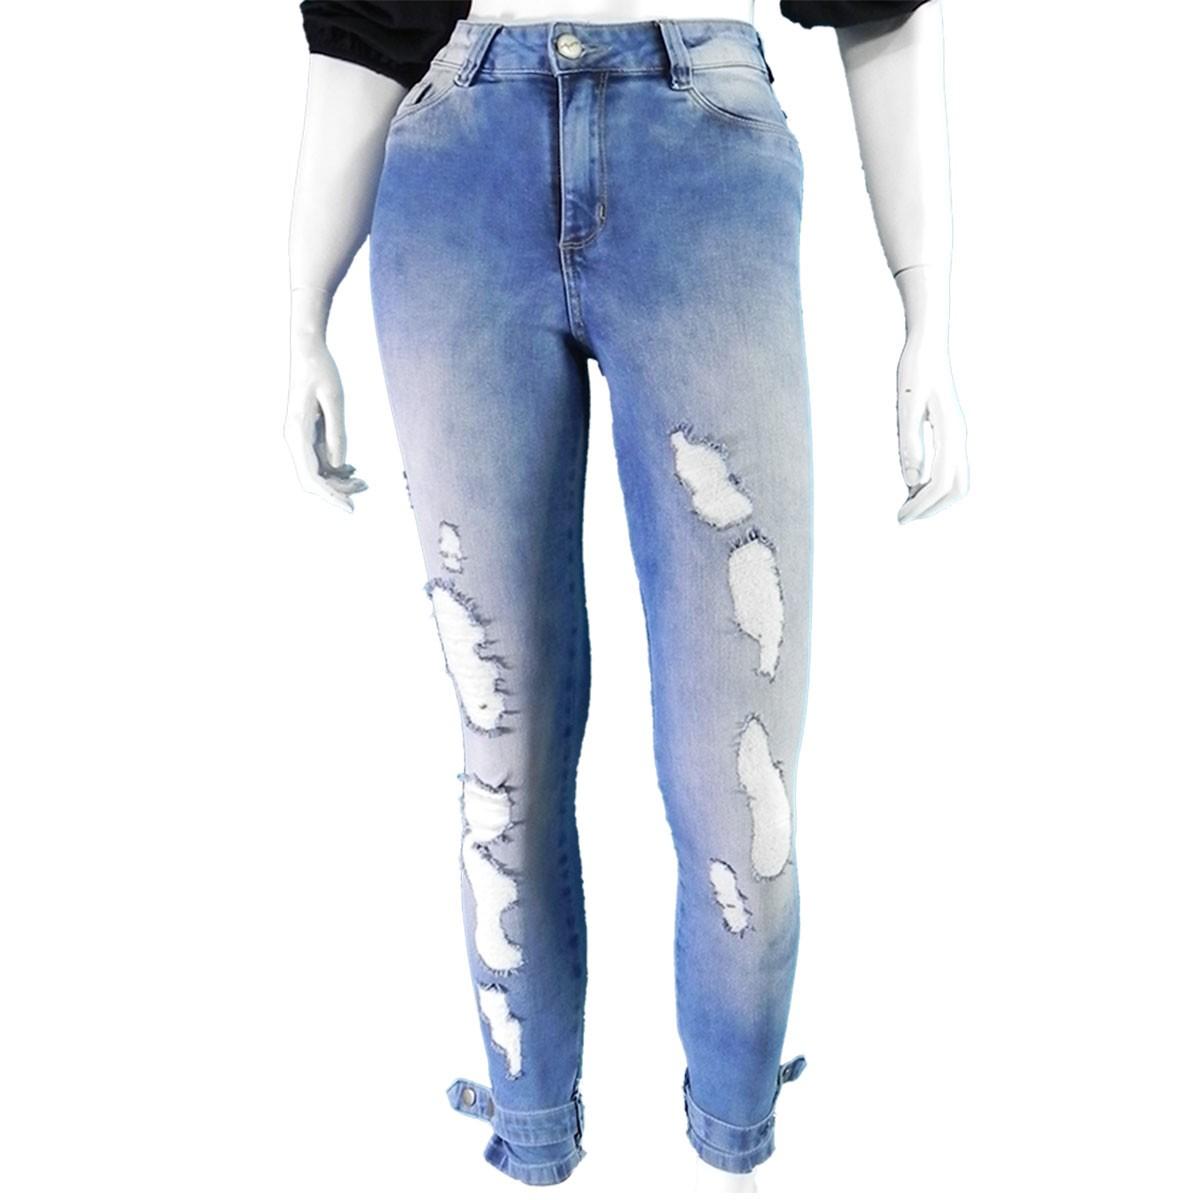 Calça Feminina Hot Pant Jeans Premium Destroyed Conexão